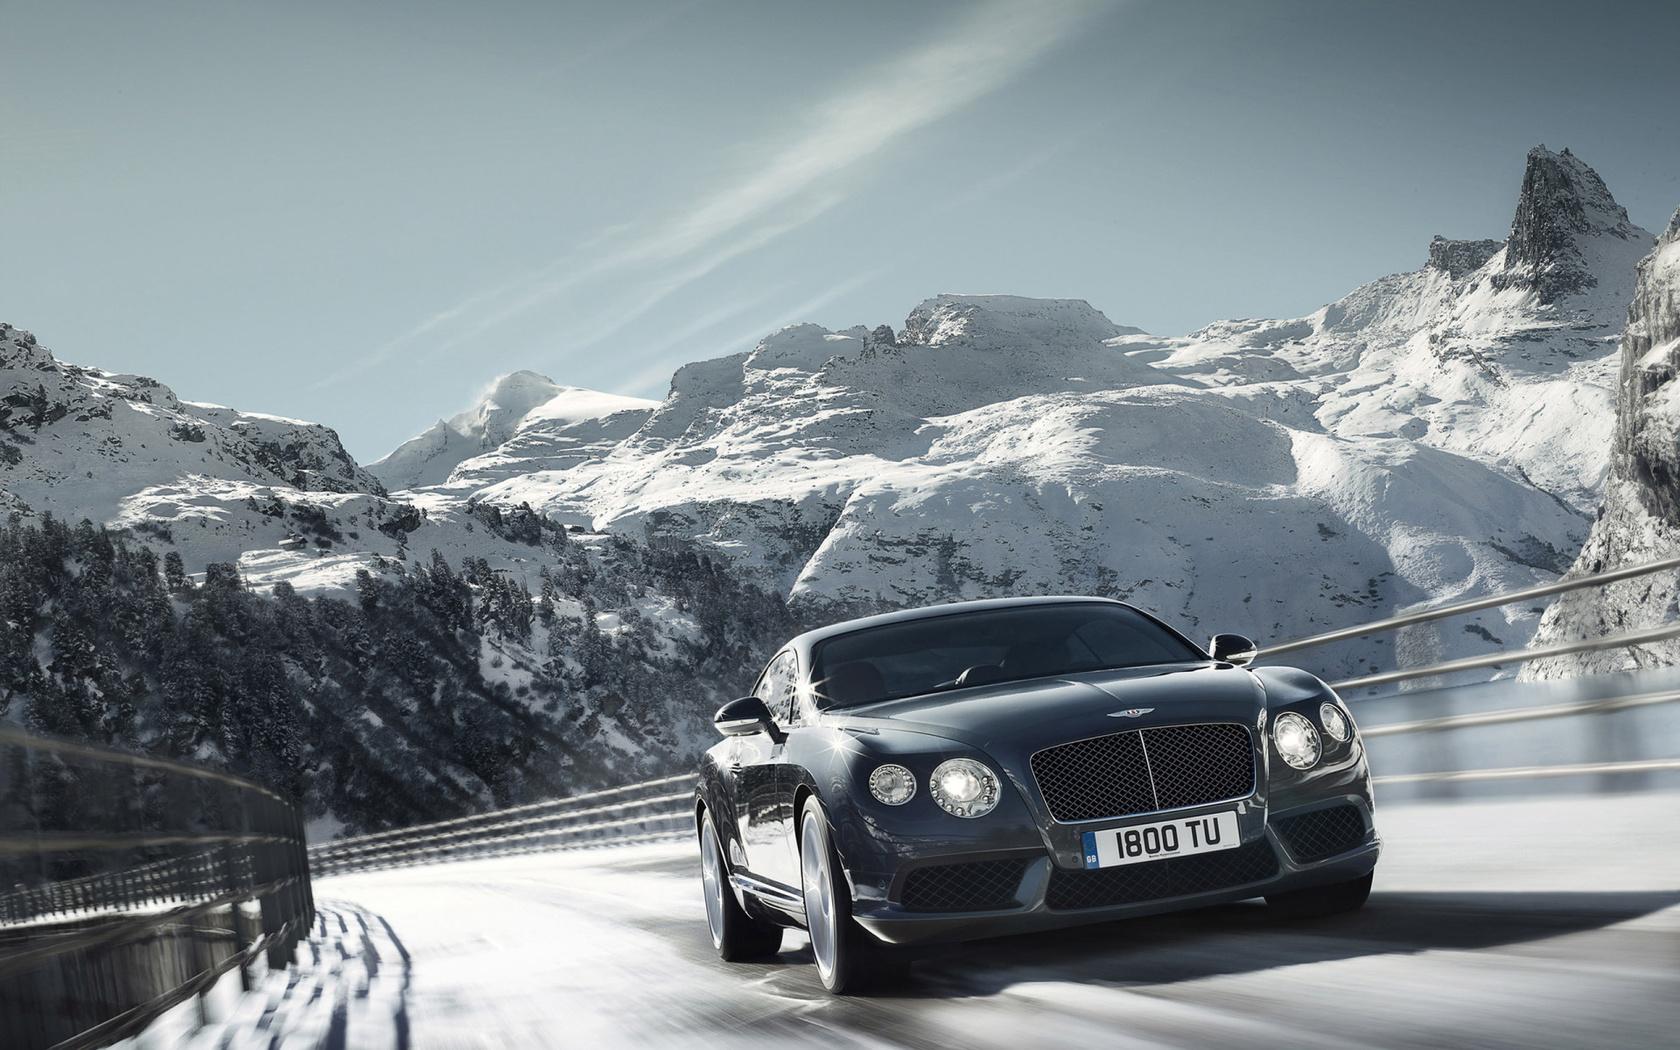 время красивые картинки с автомобилями зимой вид такая